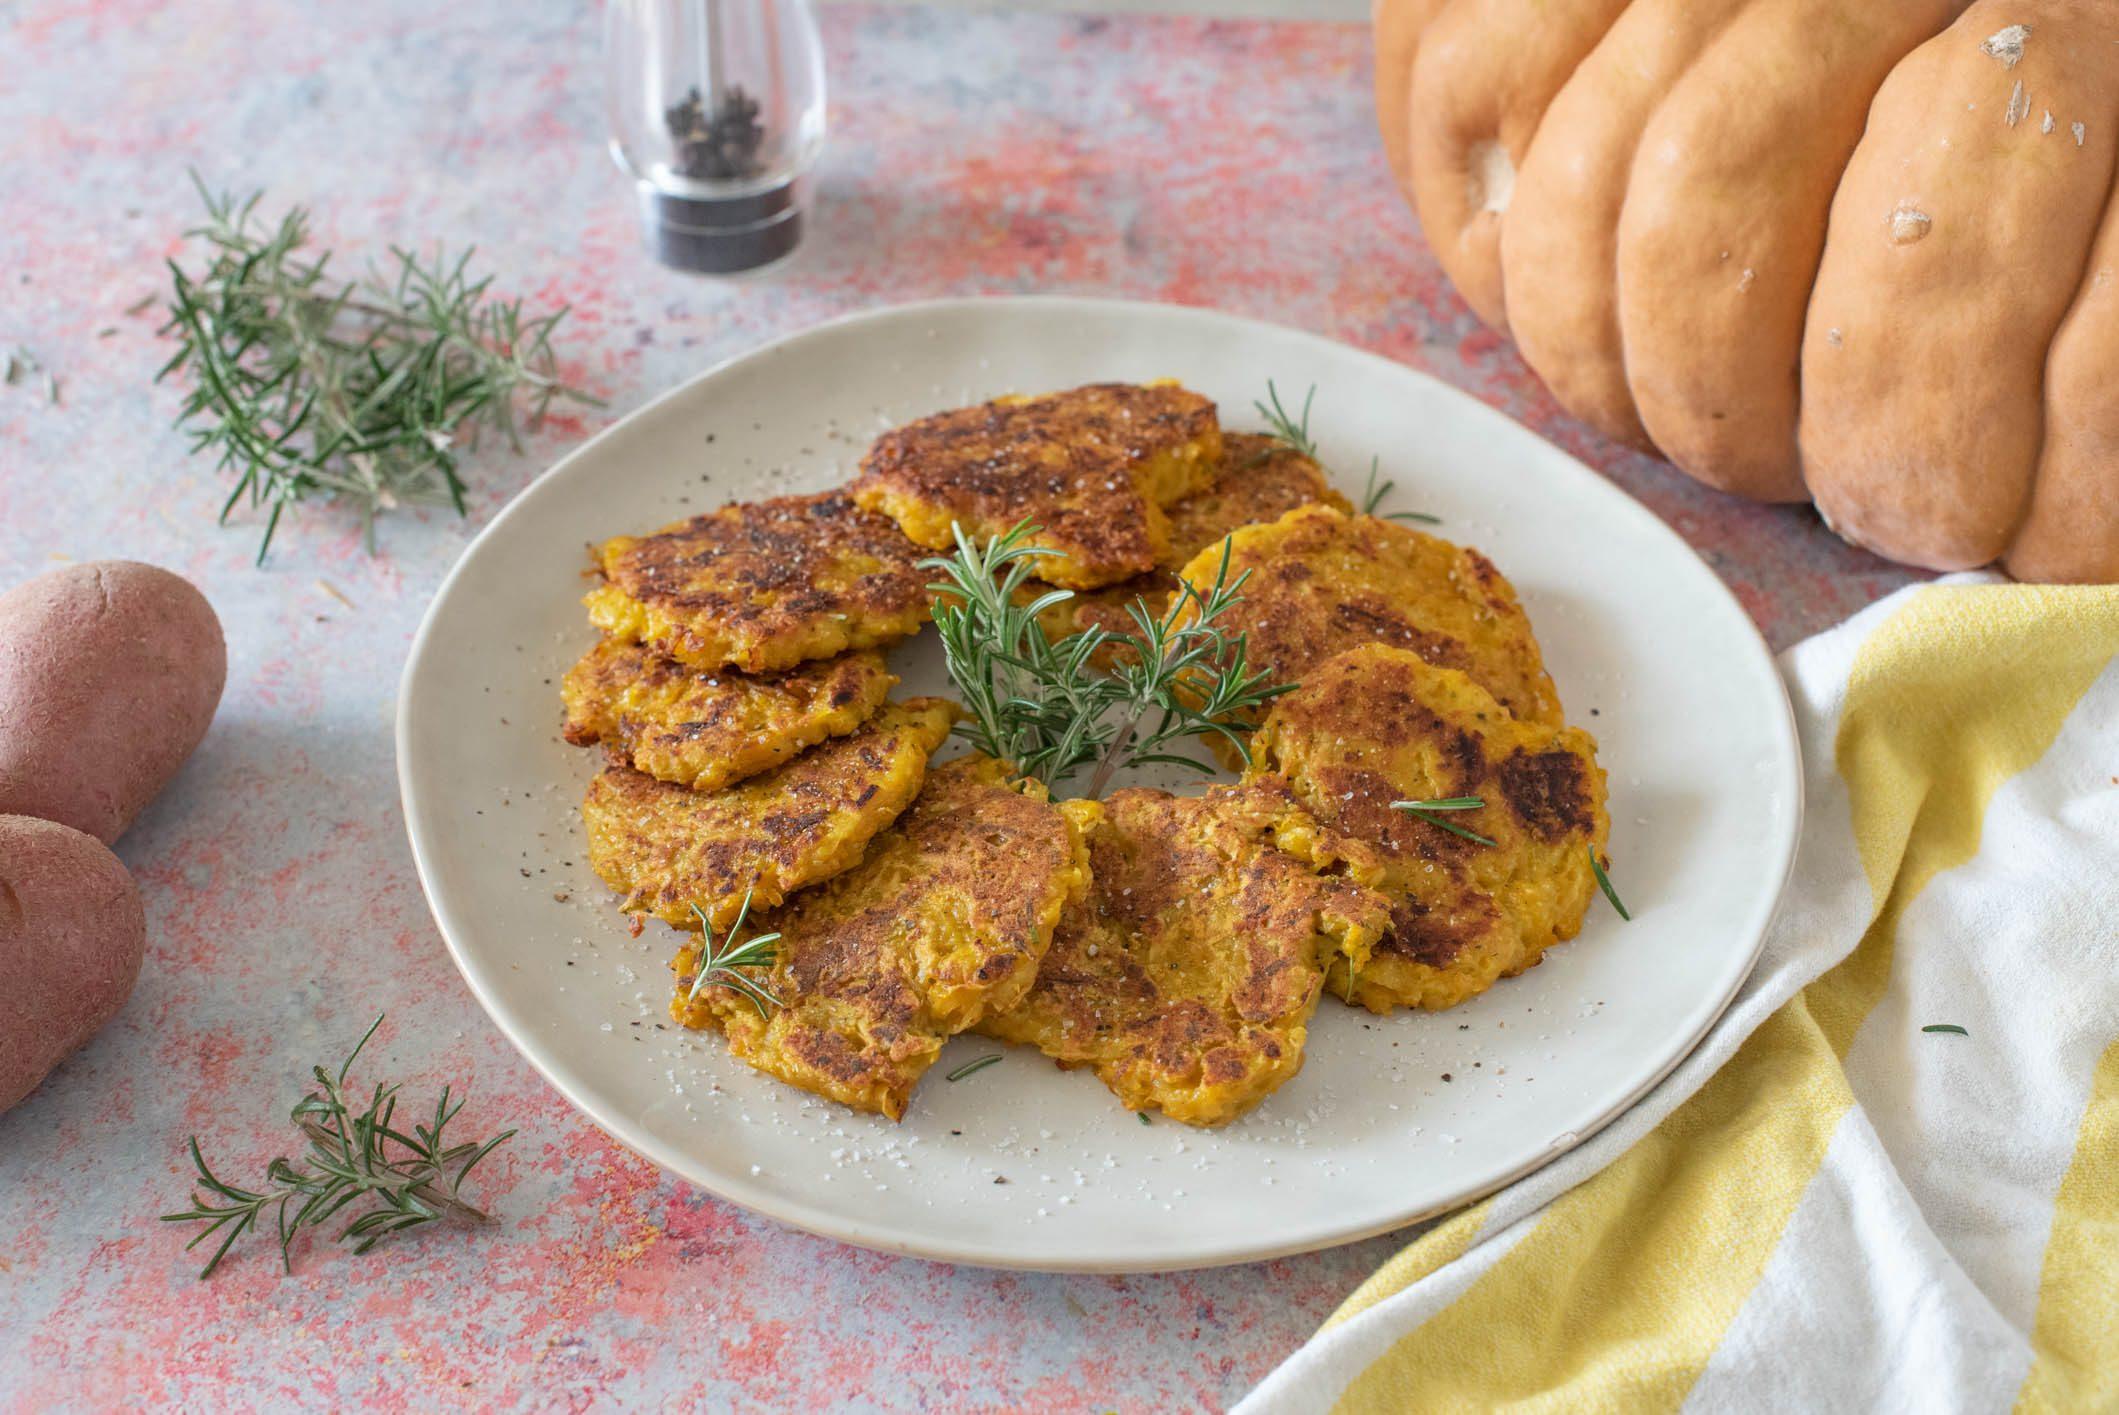 Rösti di zucca e patate: la ricetta della variante colorata e sfiziosa